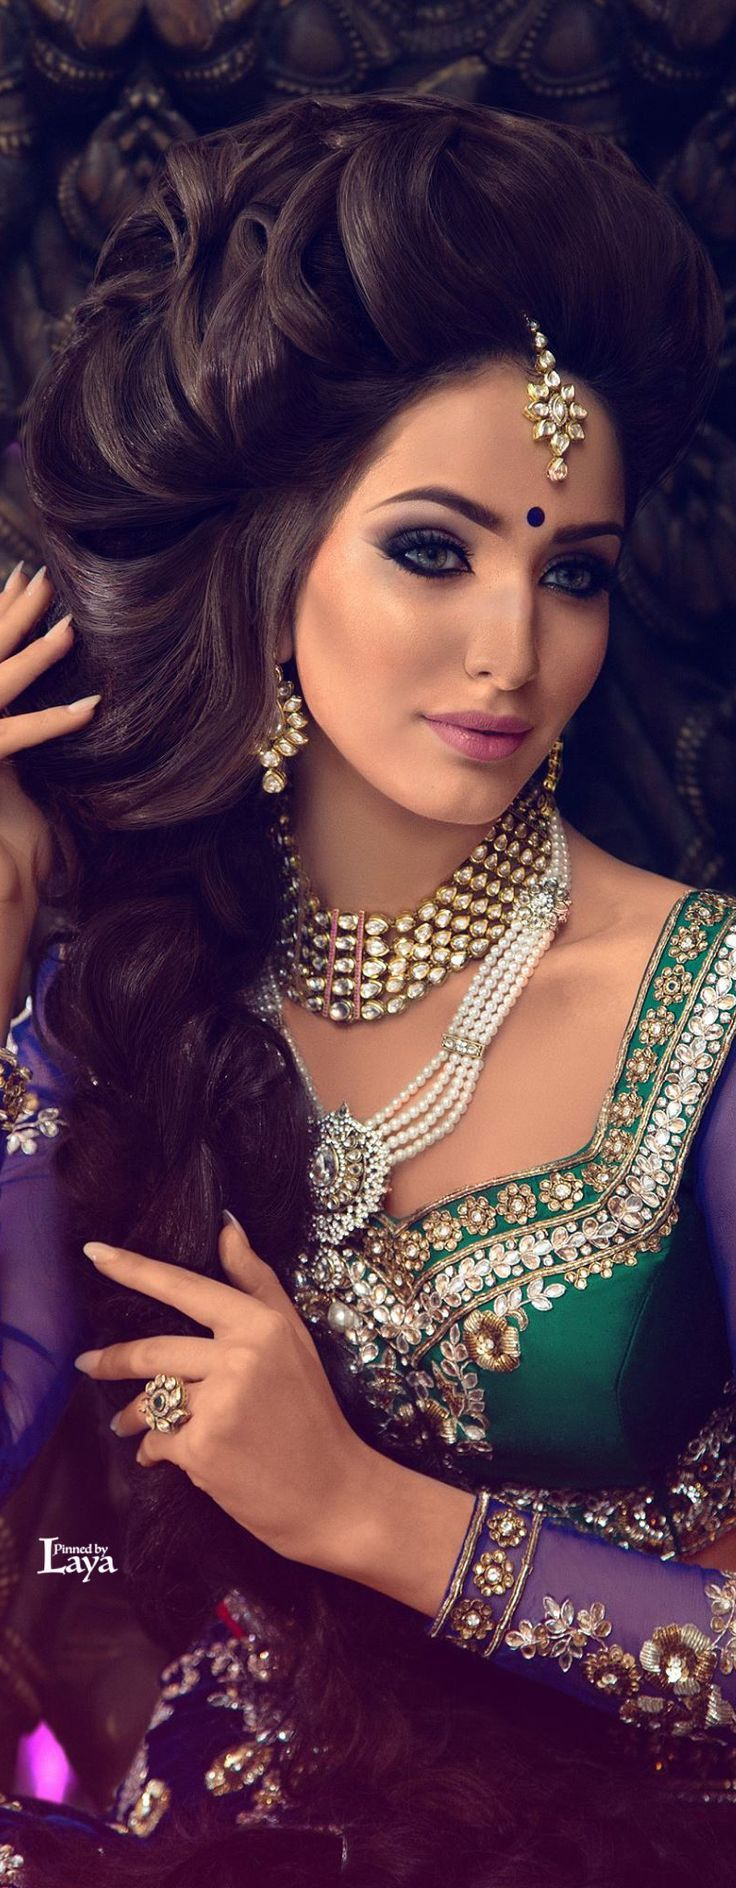 indische bruid met prachtig lang haar | long hair | pinterest